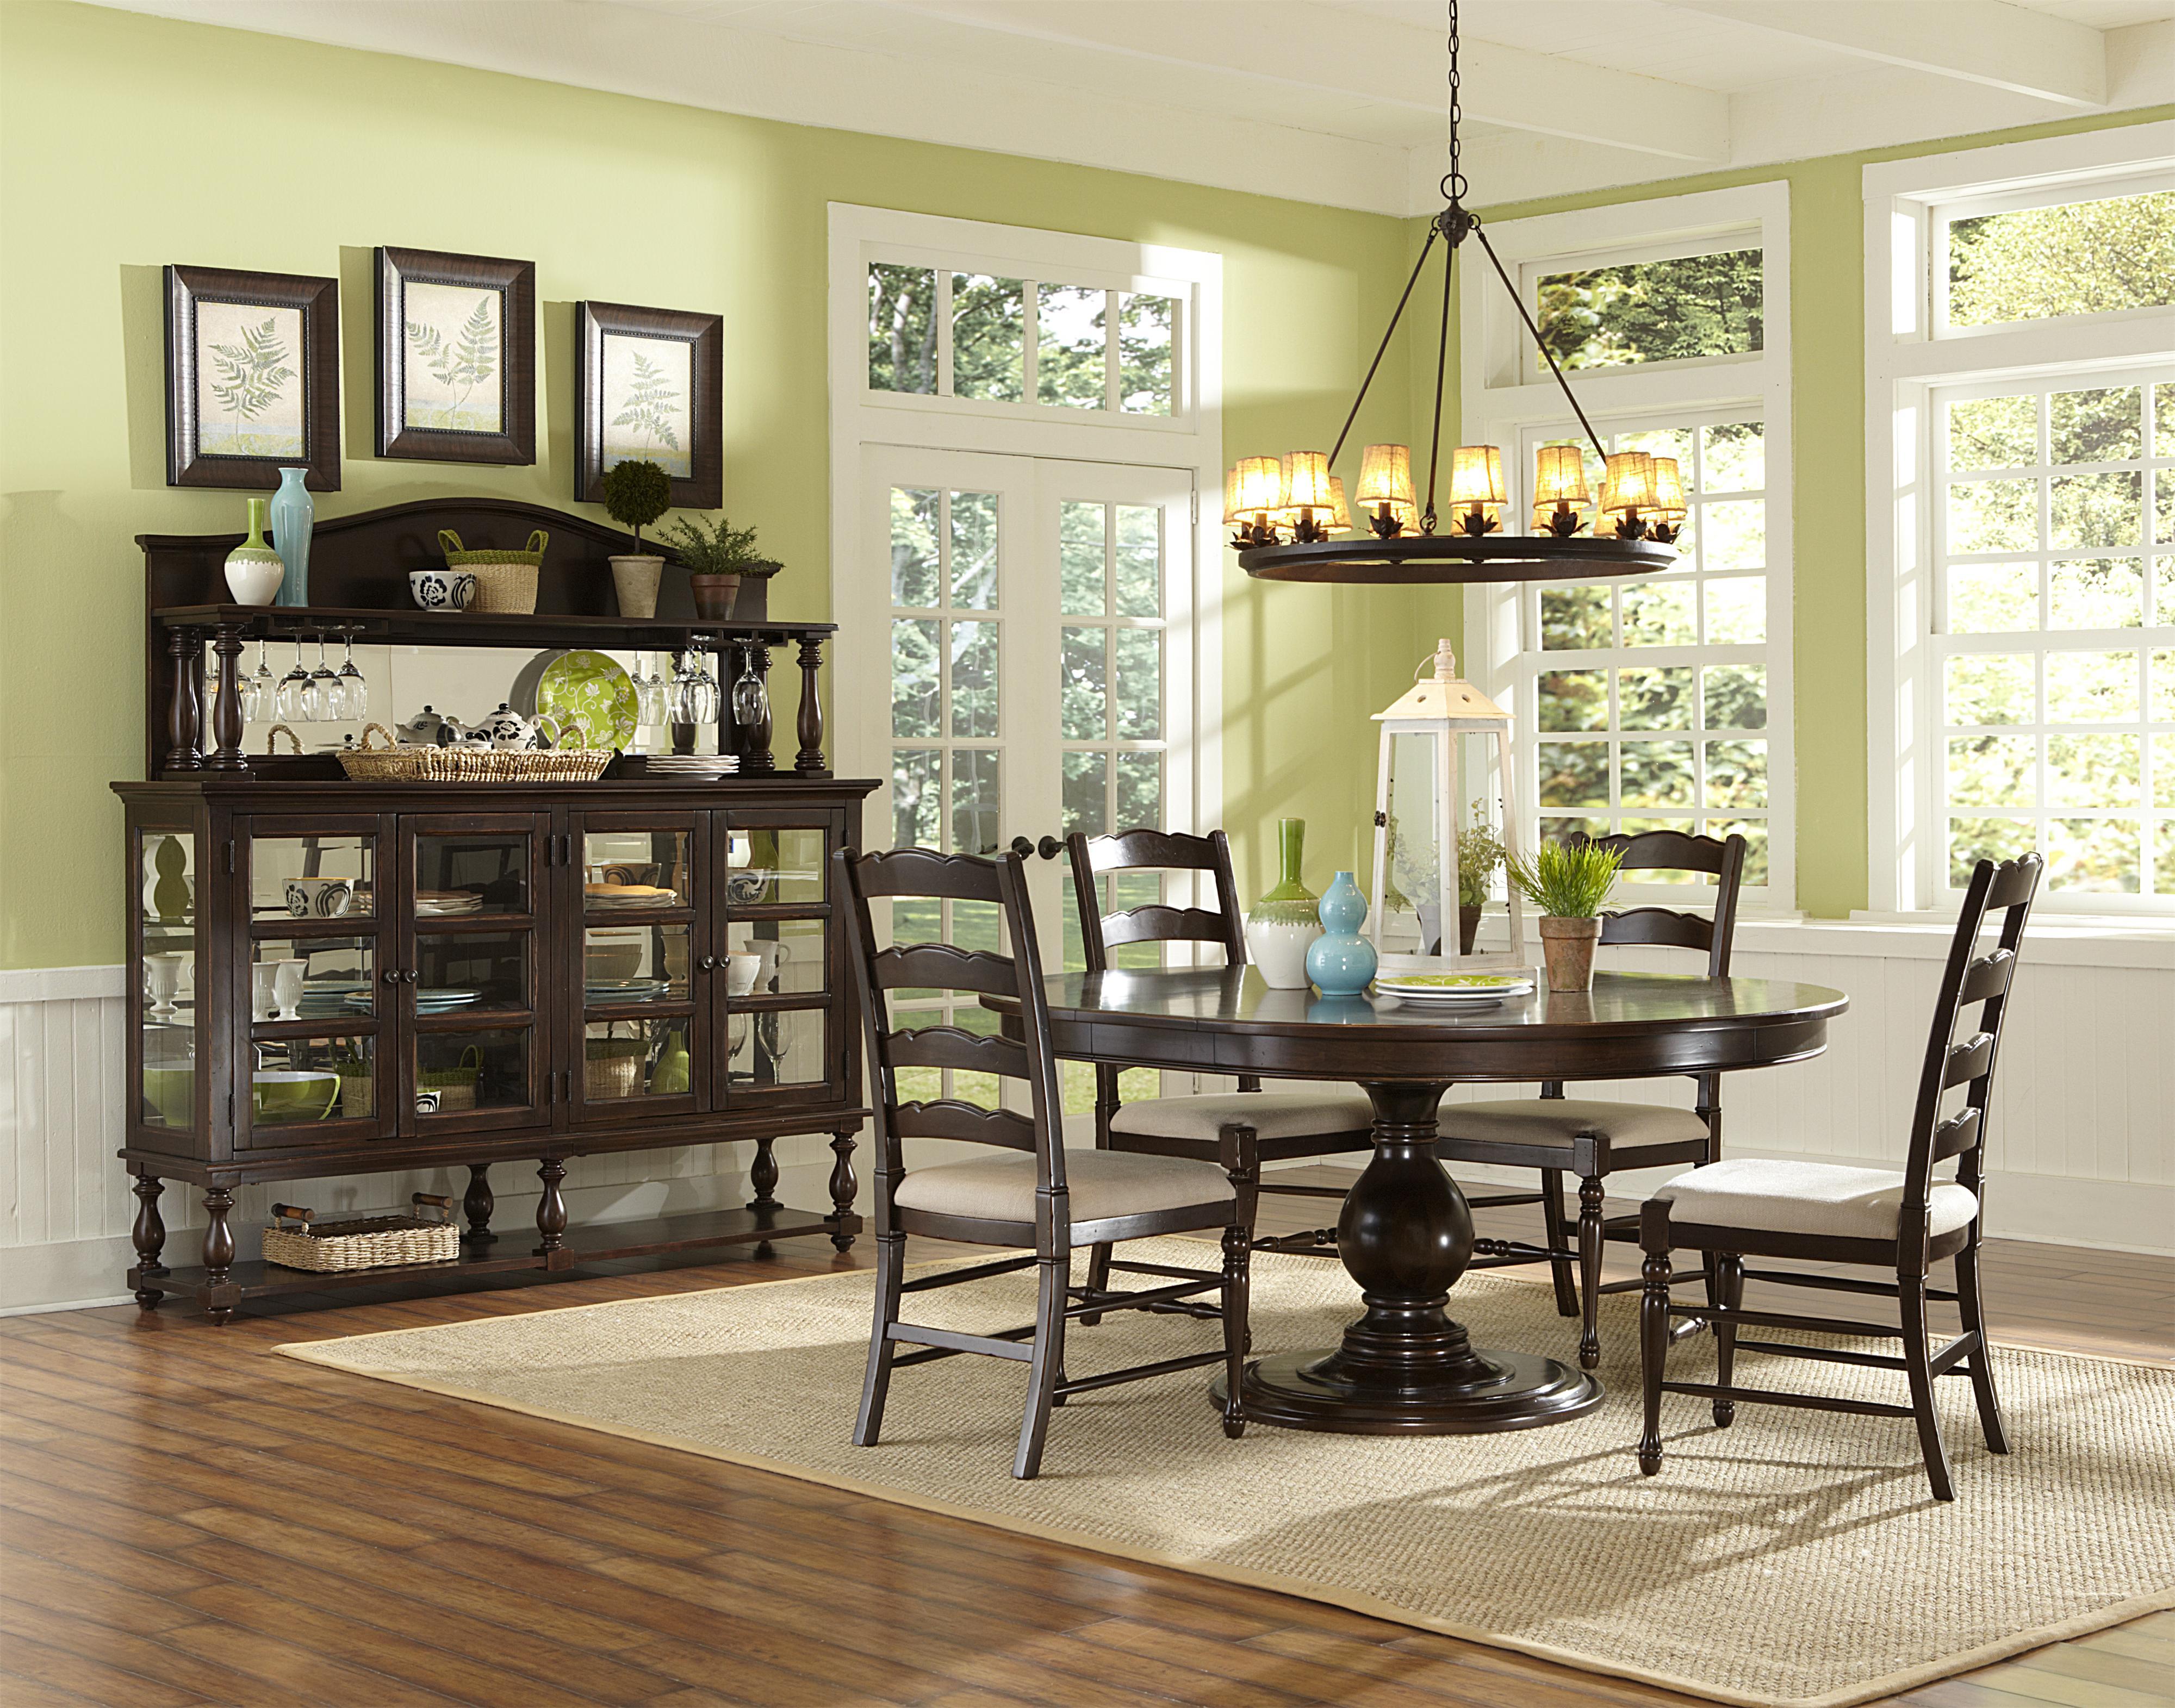 colders living room furniture. Magnussen Home Loren Rectangular Dining Table Colder S Furniture Colders Living Room